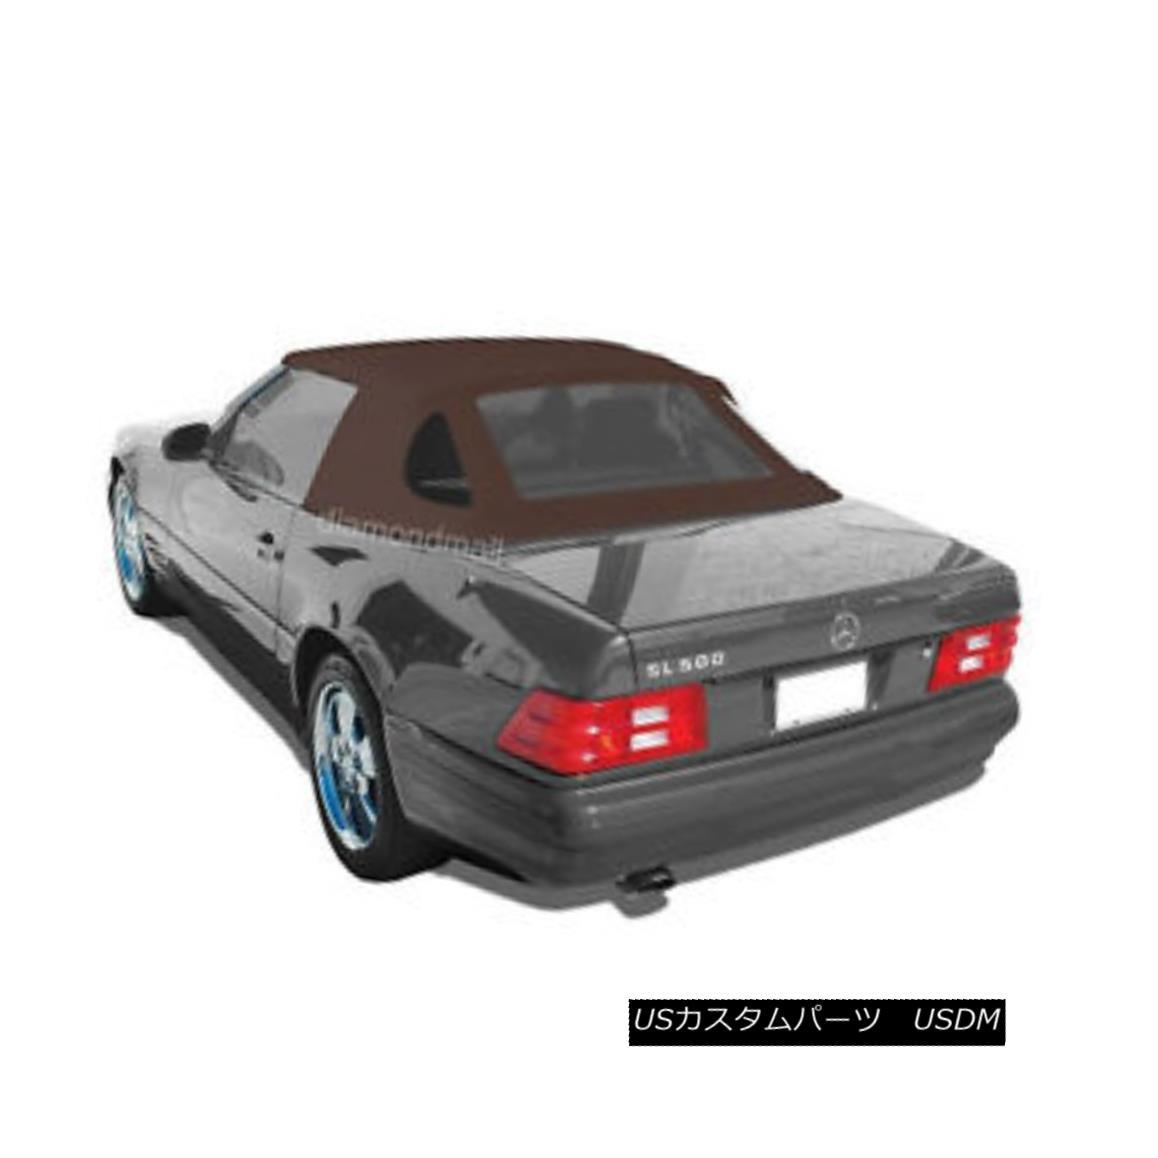 幌・ソフトトップ Mercedes R129 SL Convertible Soft Top 1990-2002 BROWN GERMAN OEM Canvas Cloth メルセデスR129 SLコンバーチブルソフトトップ1990-2002 BROWN GERMAN OEMキャンバスクロス